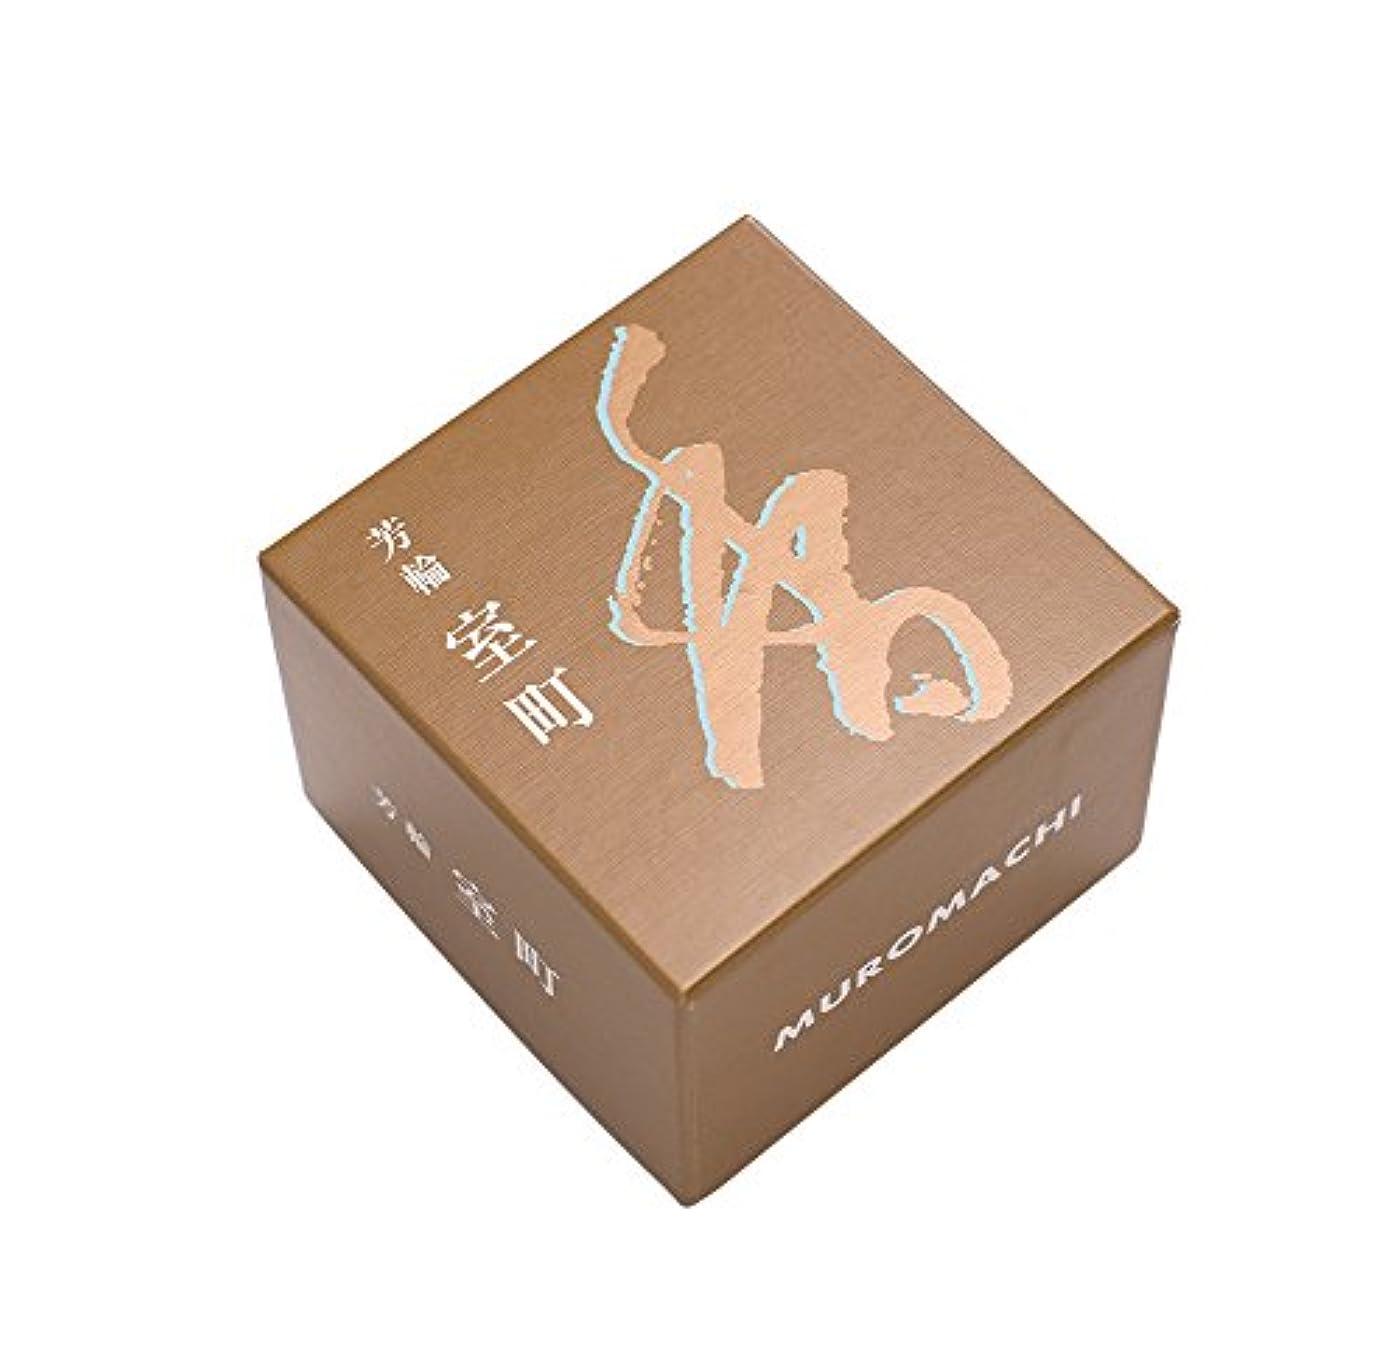 日食福祉コカイン松栄堂のお香 芳輪室町 渦巻型10枚入 うてな角型付 #210421